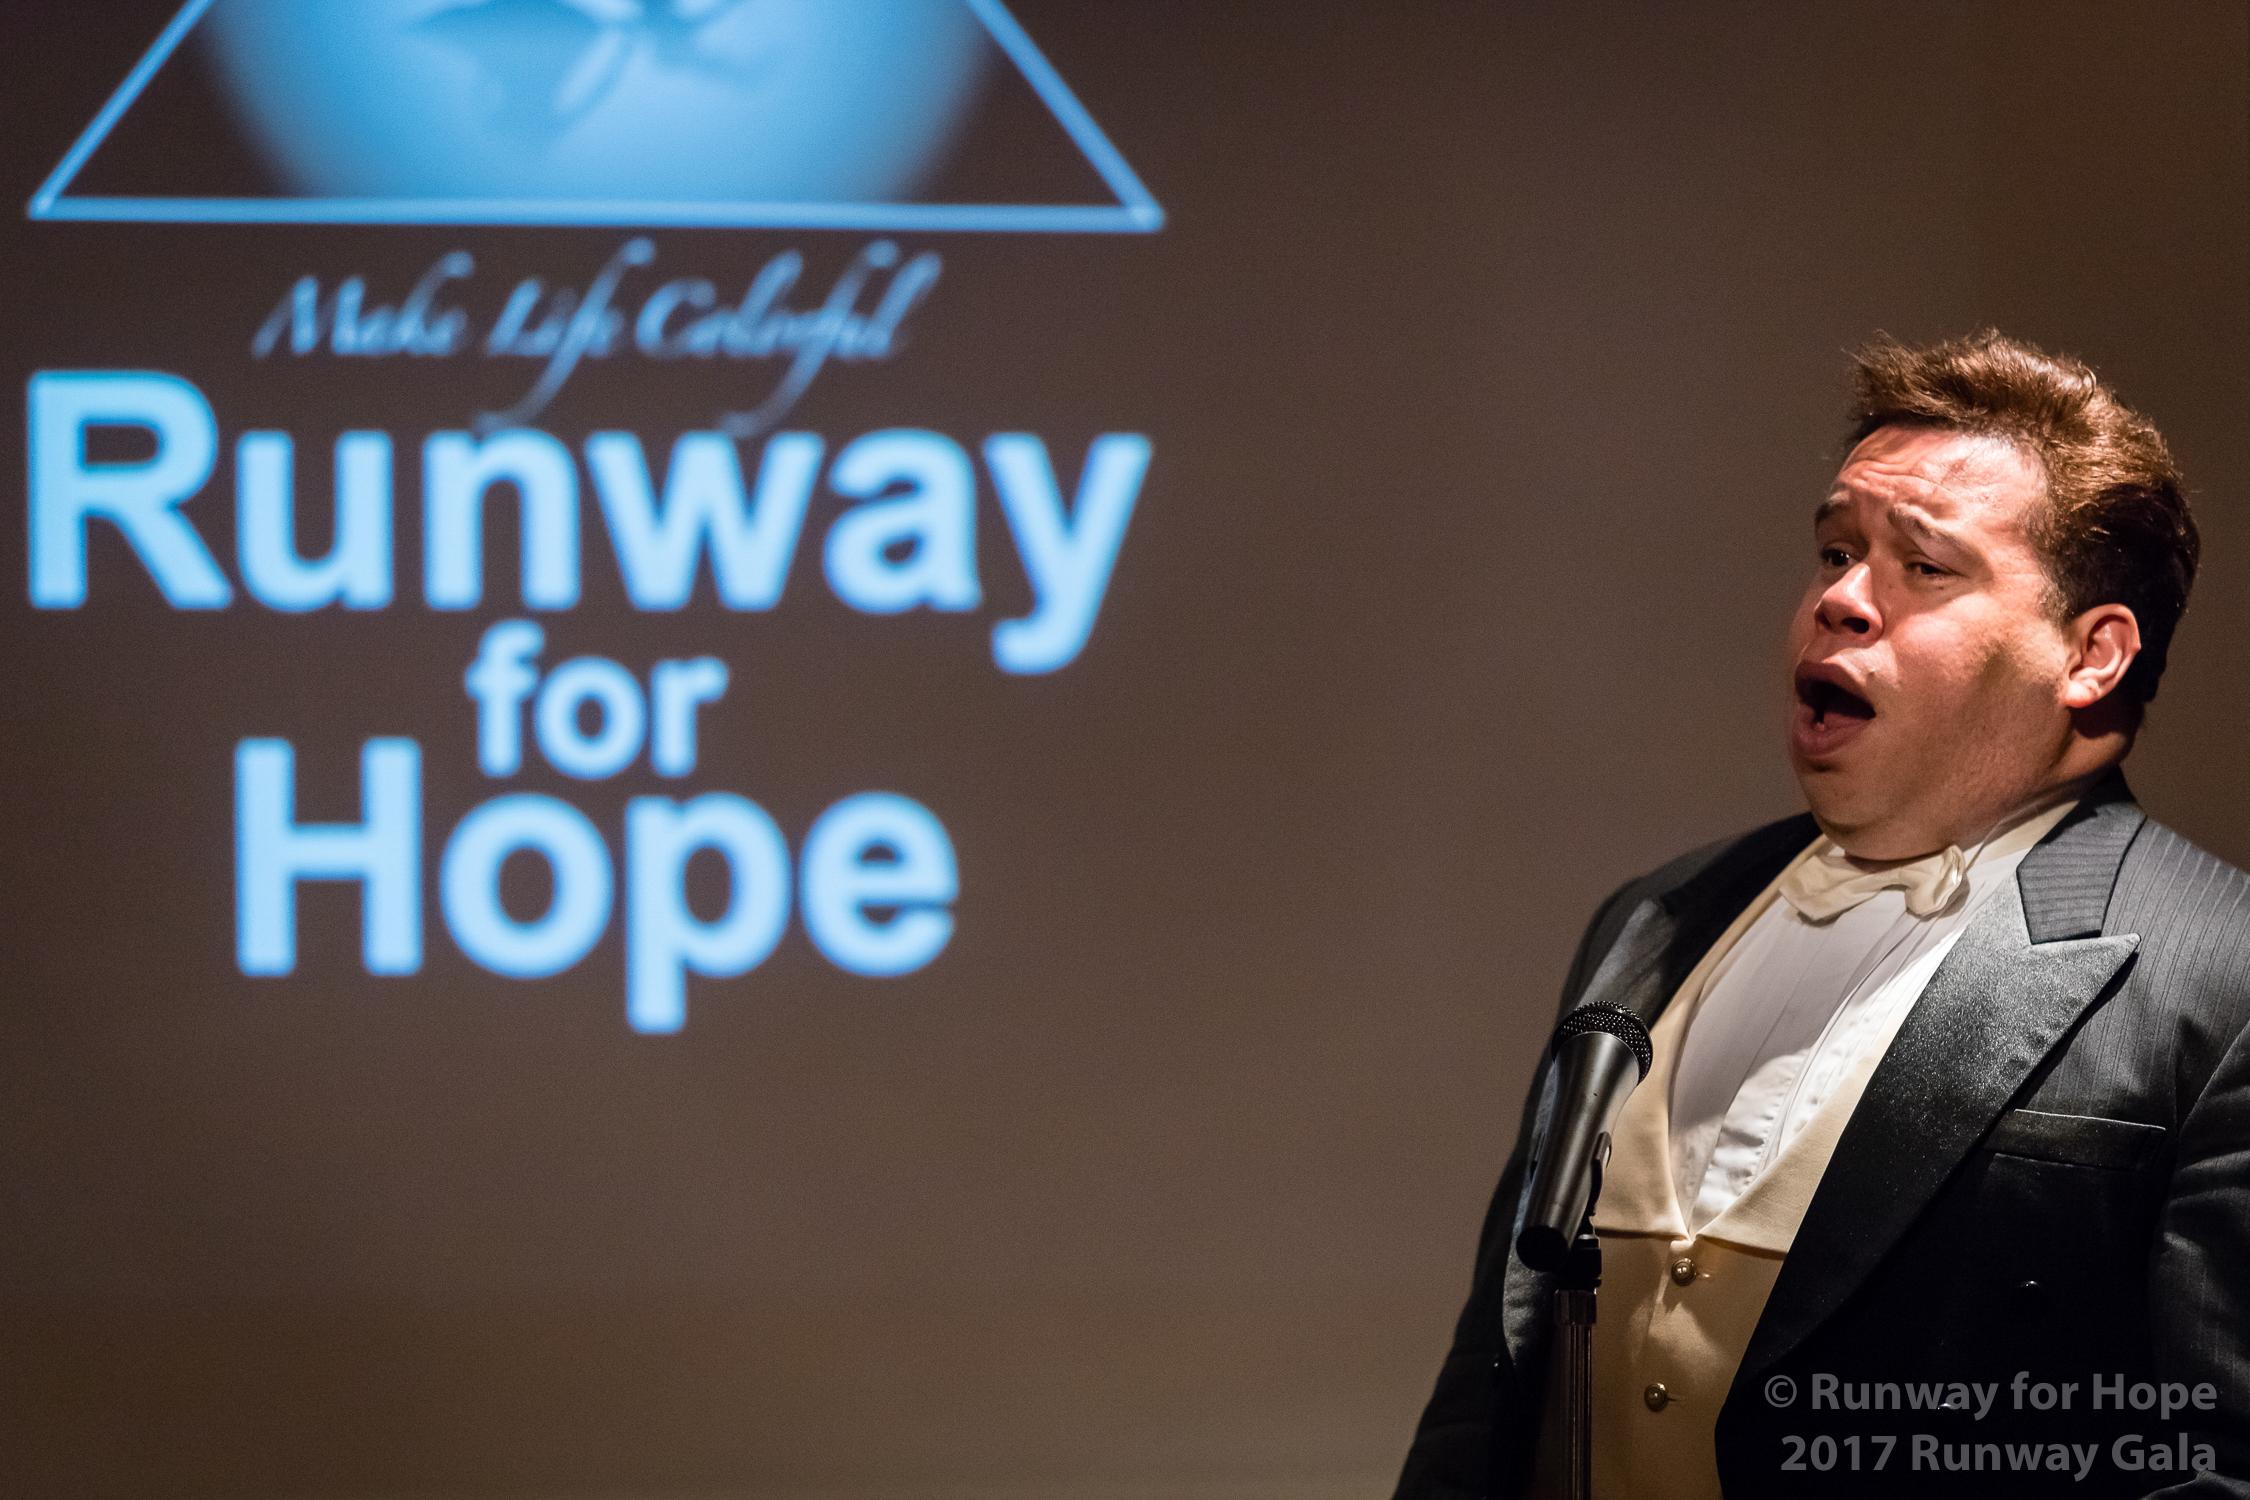 009_17_runway_hope-53